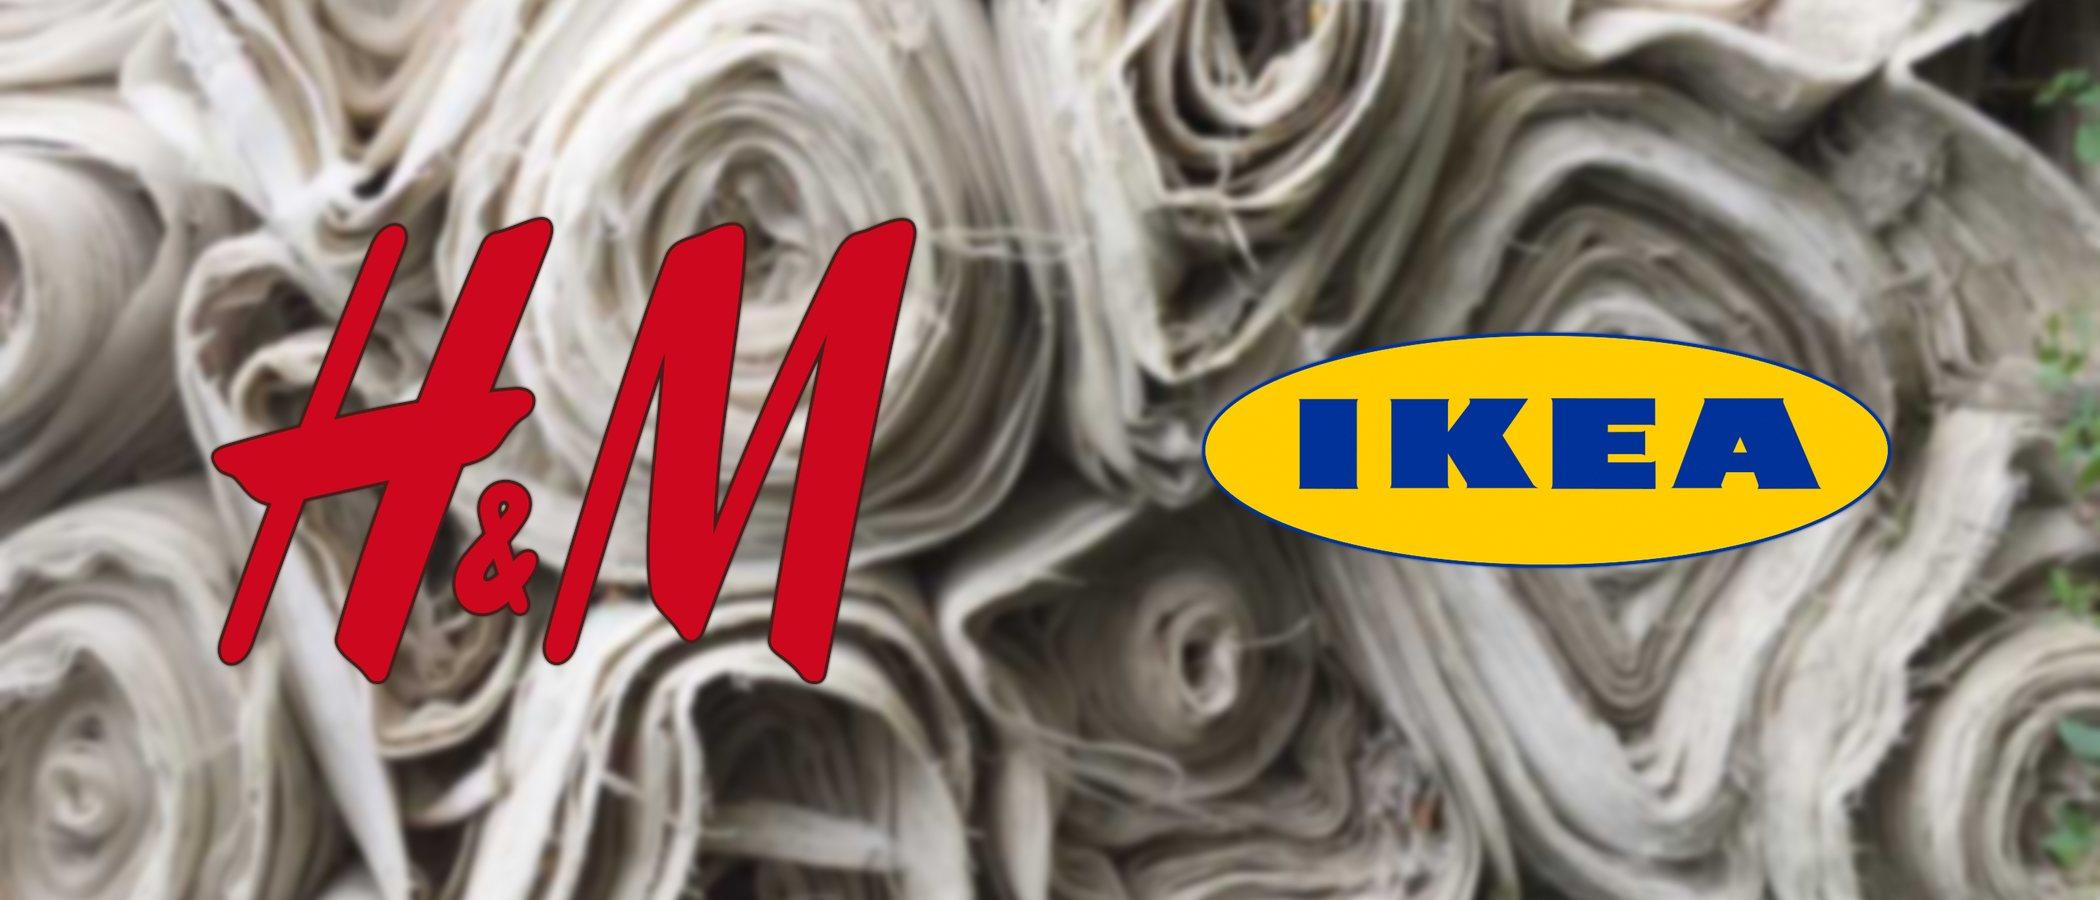 H&M e Ikea se unen para investigar juntas diferentes materiales que puedan ser recilados en sus productos